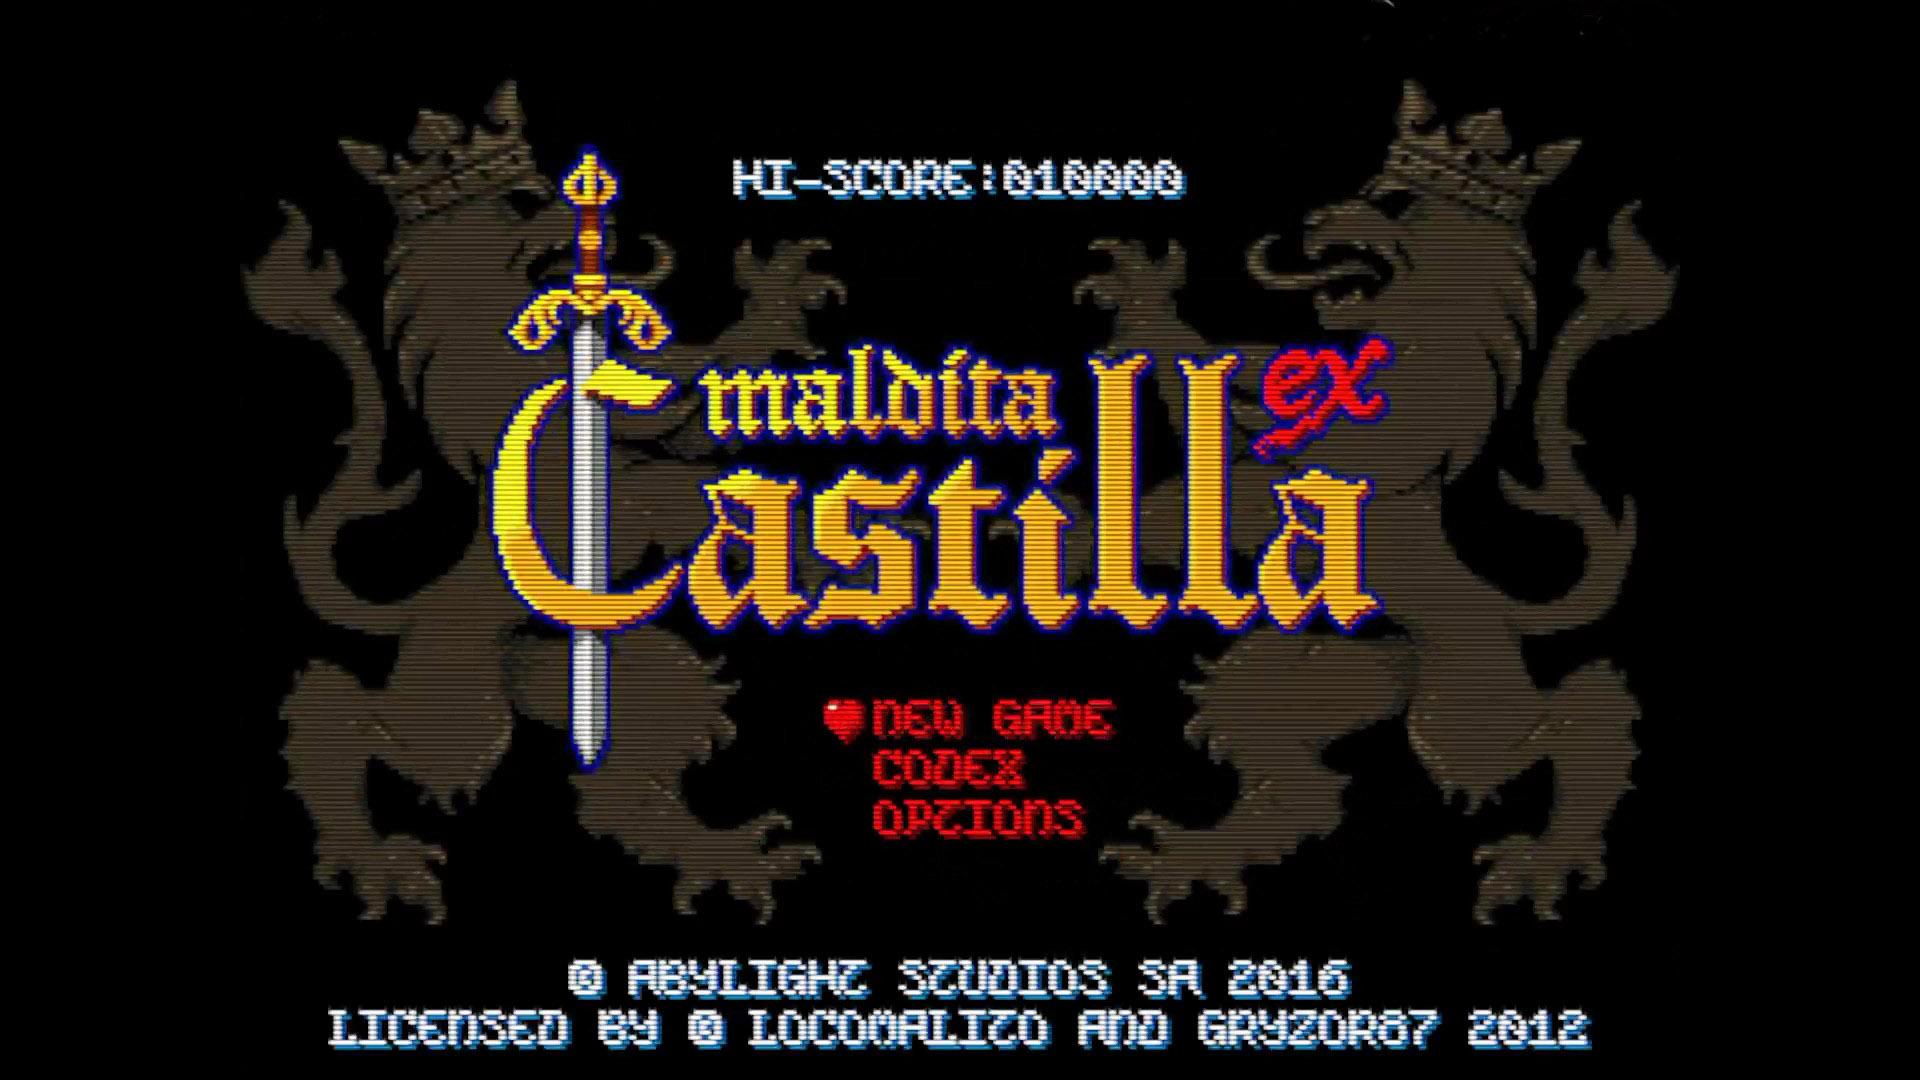 Maldita Castilla EX Locomalito Xbox One Abylight